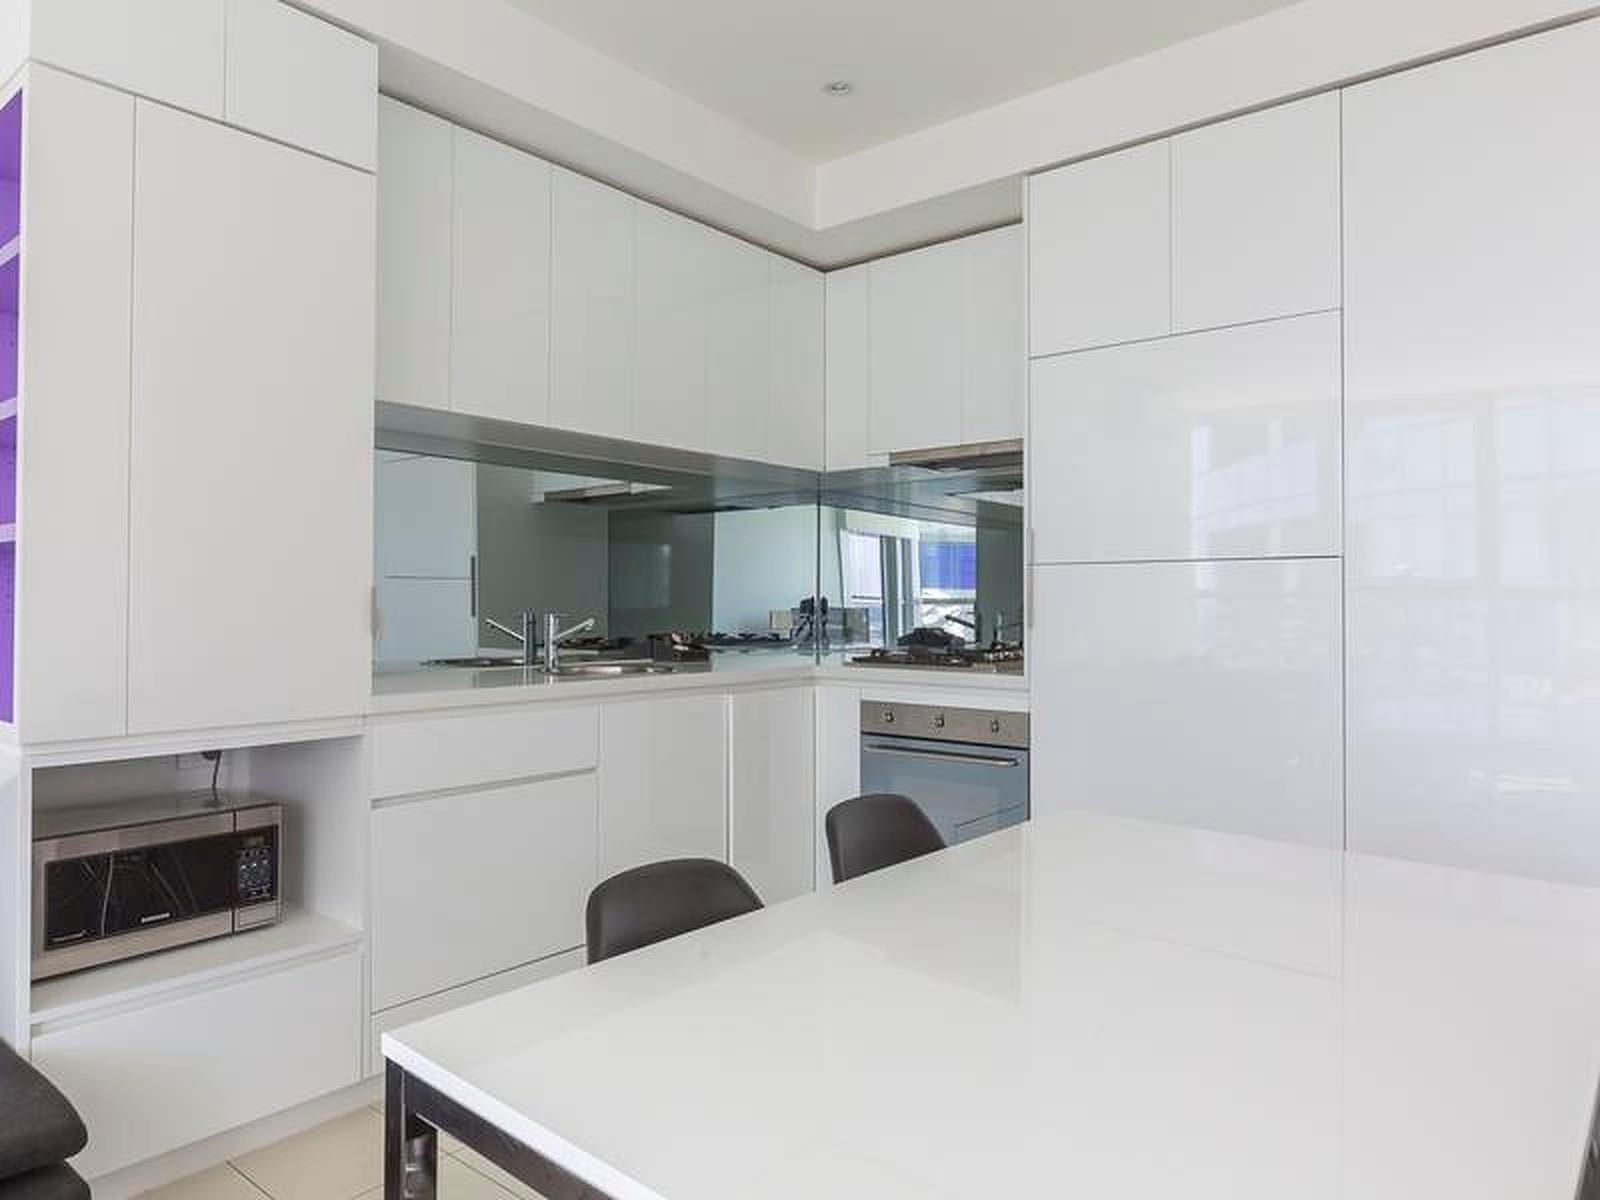 Ferienwohnung Docklands Apt 2 SchlafzimmerMelbourne Star View (2781530), Melbourne, , Victoria, Australien, Bild 9